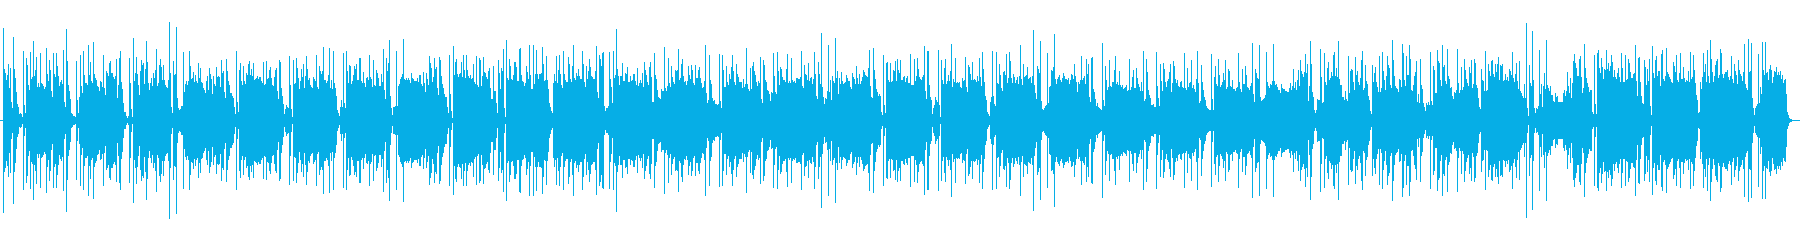 ほのぼのとしたジャズ風ポップスの再生済みの波形